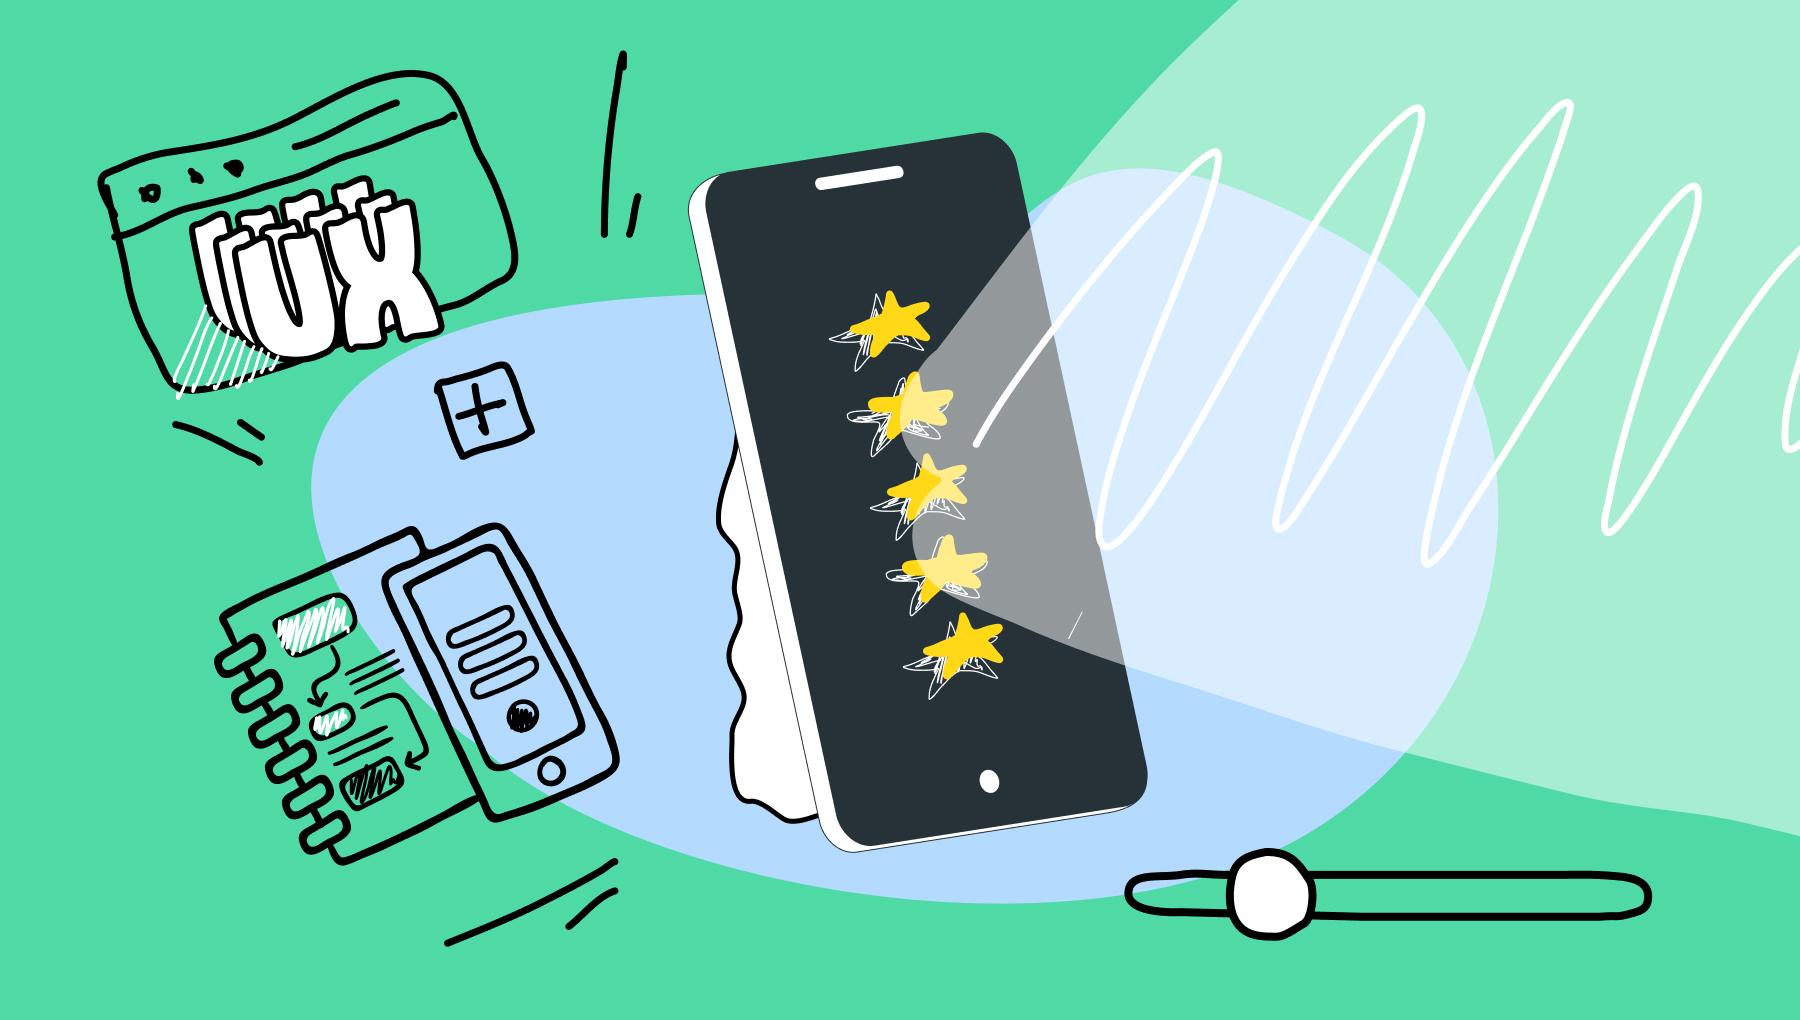 Как сделать сайт или приложение удобным для каждого